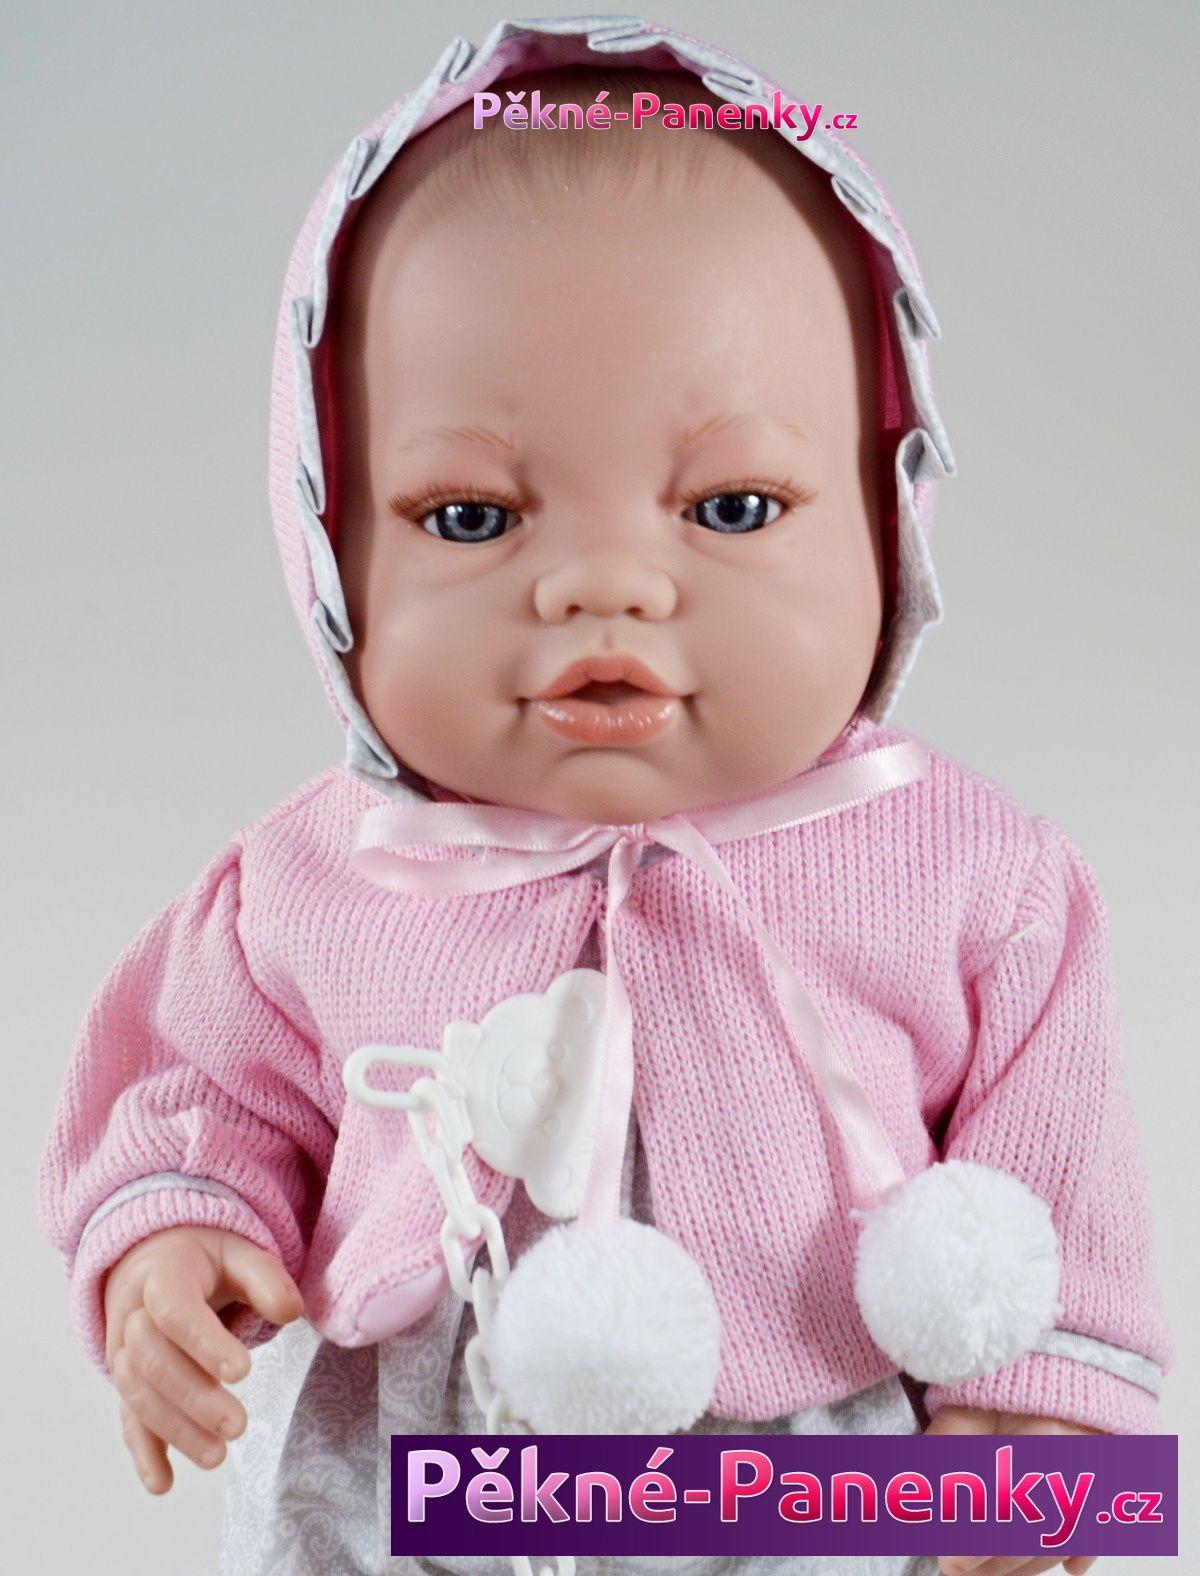 kloubové panenky s dudlíkem